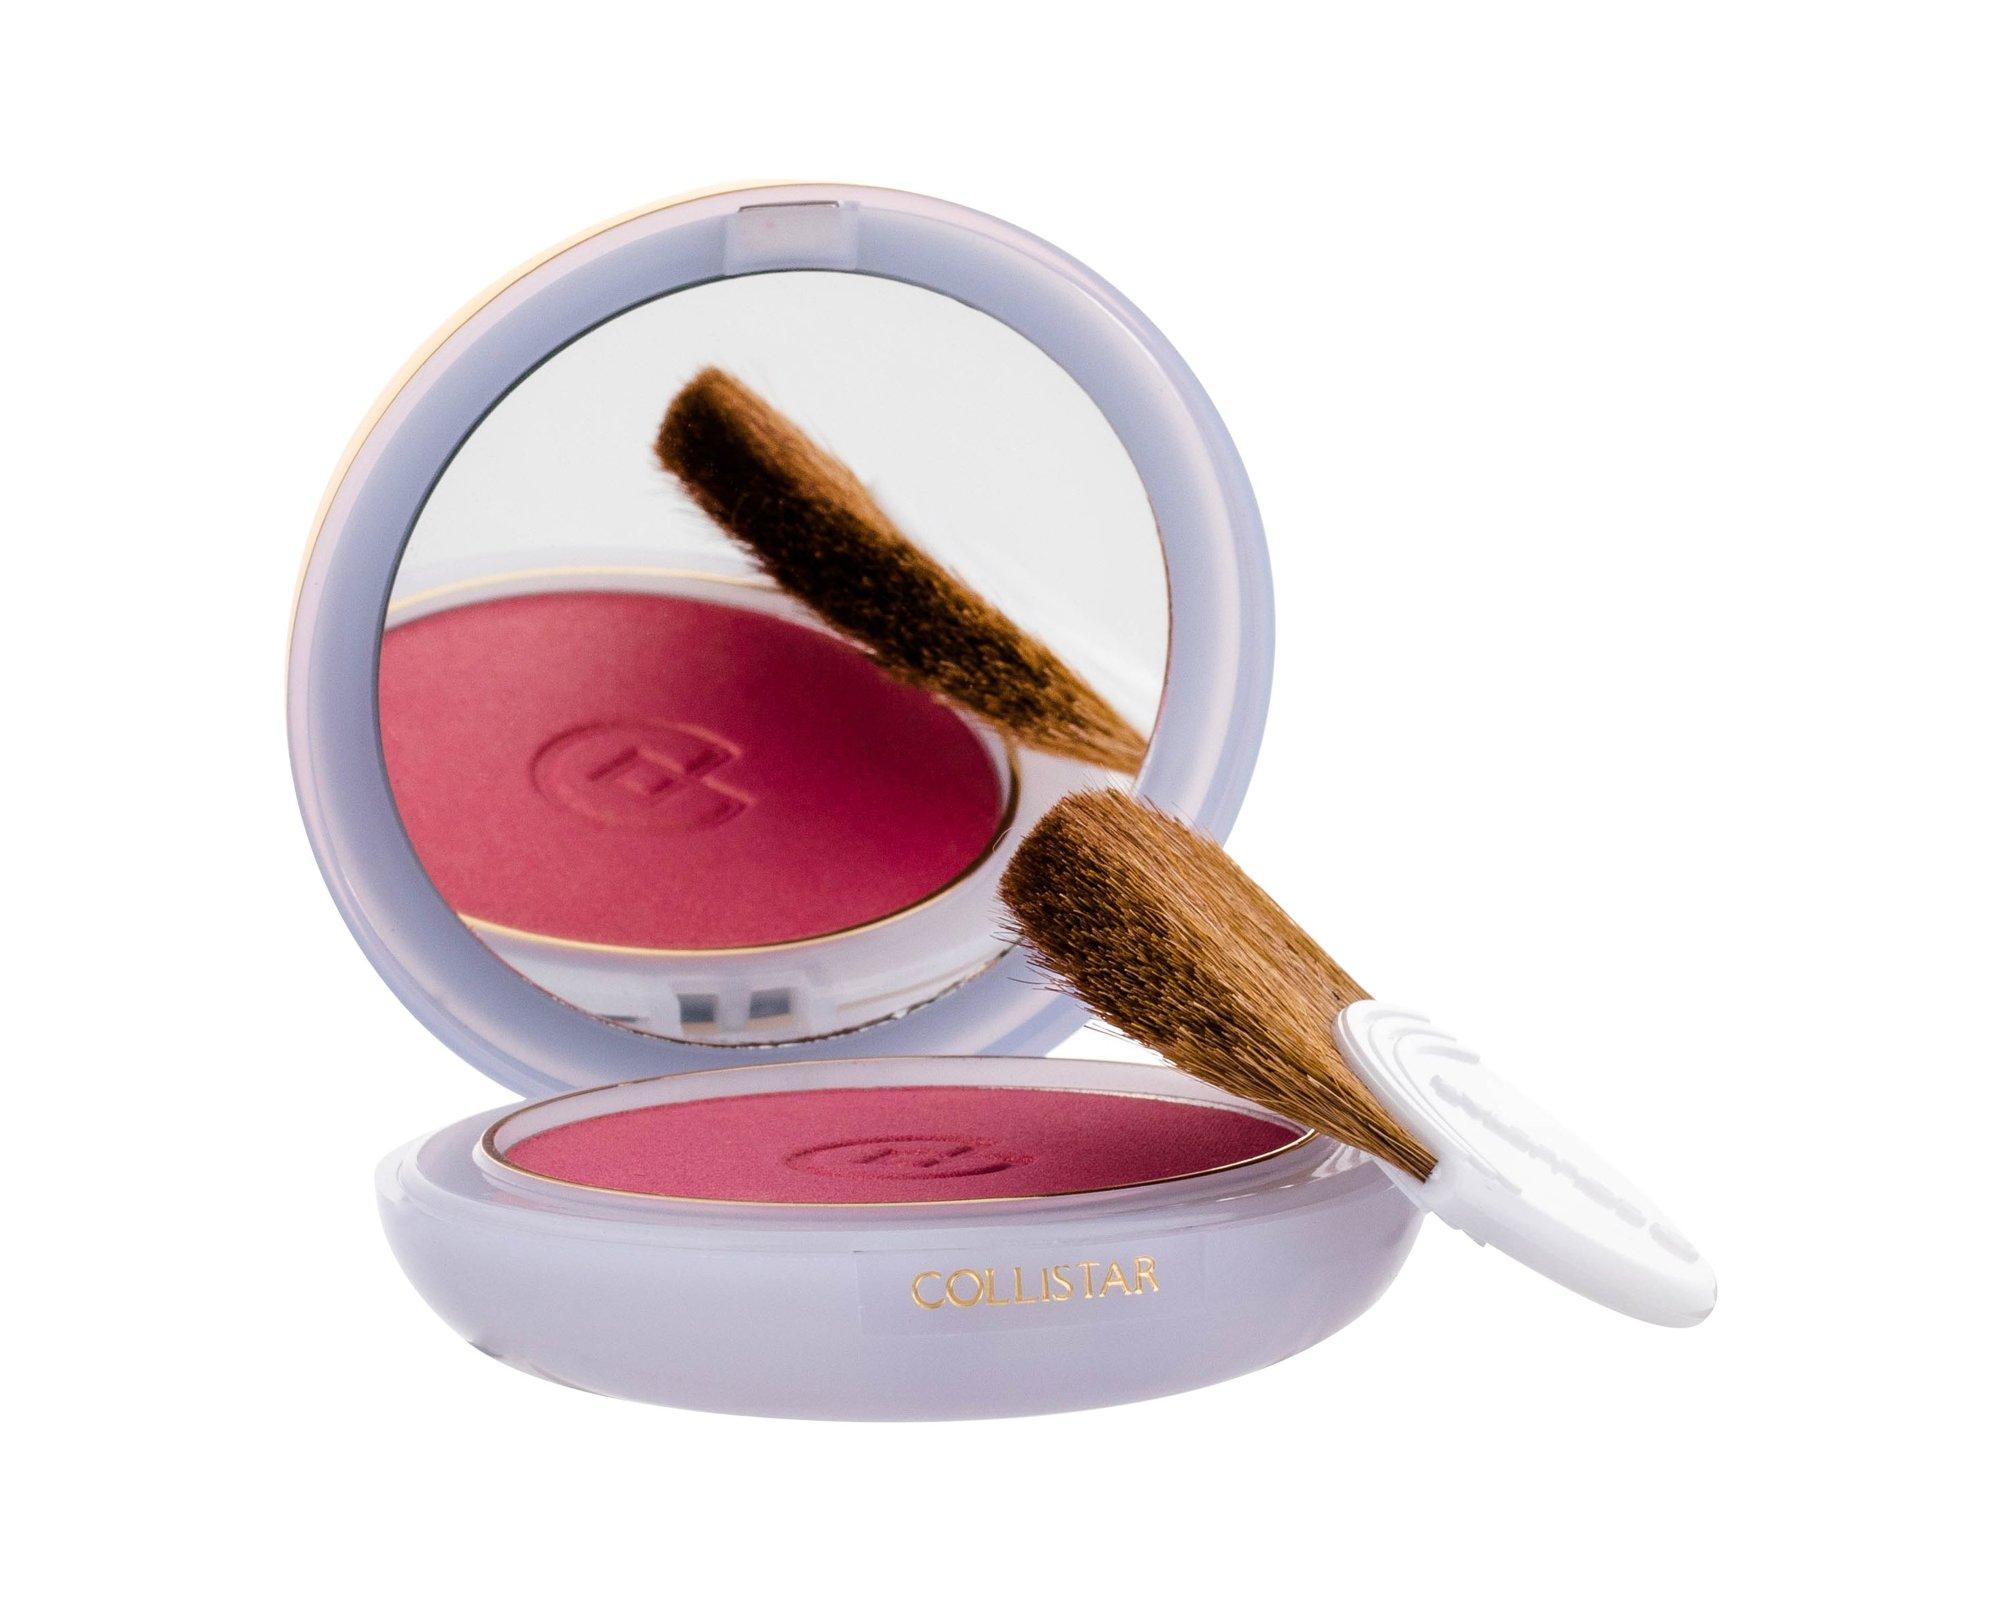 Collistar Silk Effect Maxi Blusher Blush 7ml 21 Rosa Dorata